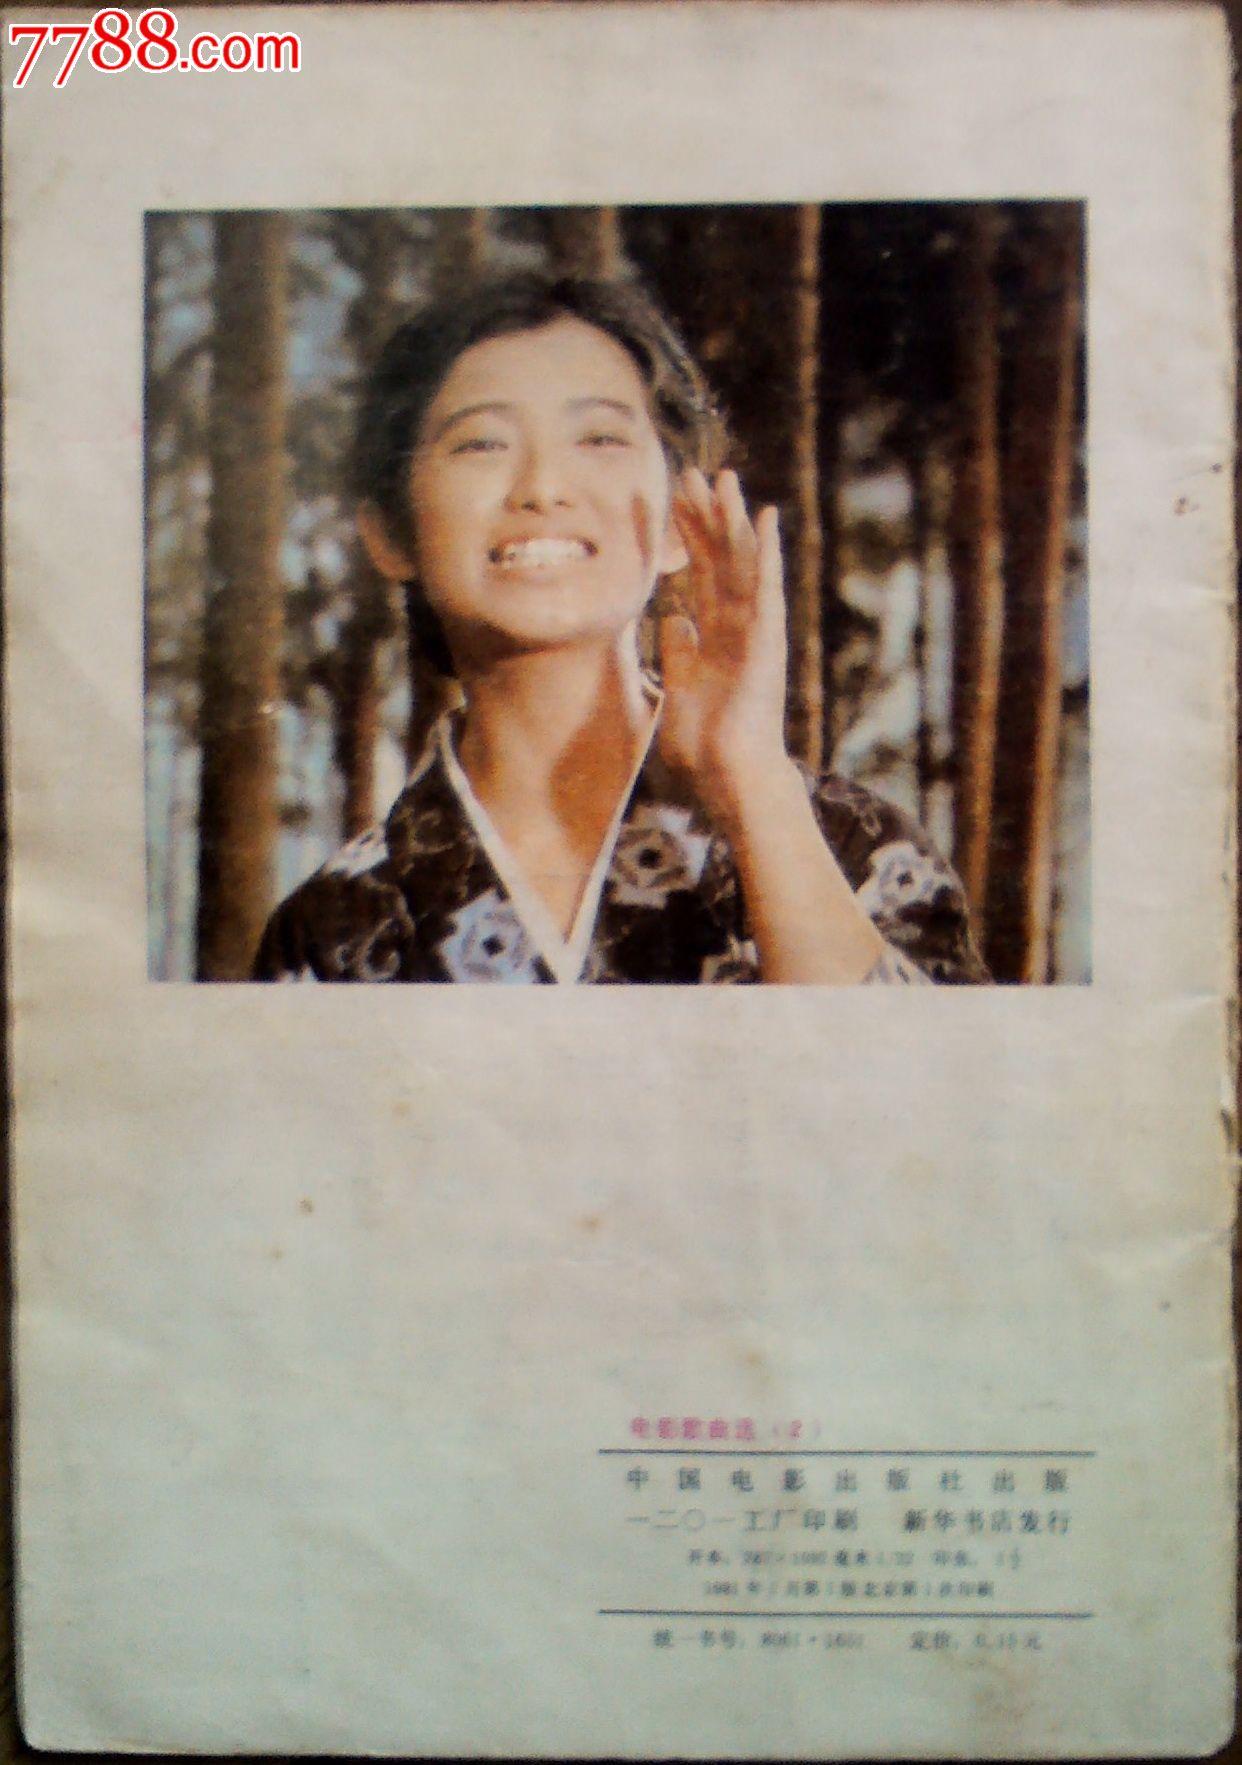 大成舞衣子电影_1981年2期《电影歌曲选》_价格10元【大成票友会】_第2张_中国收藏